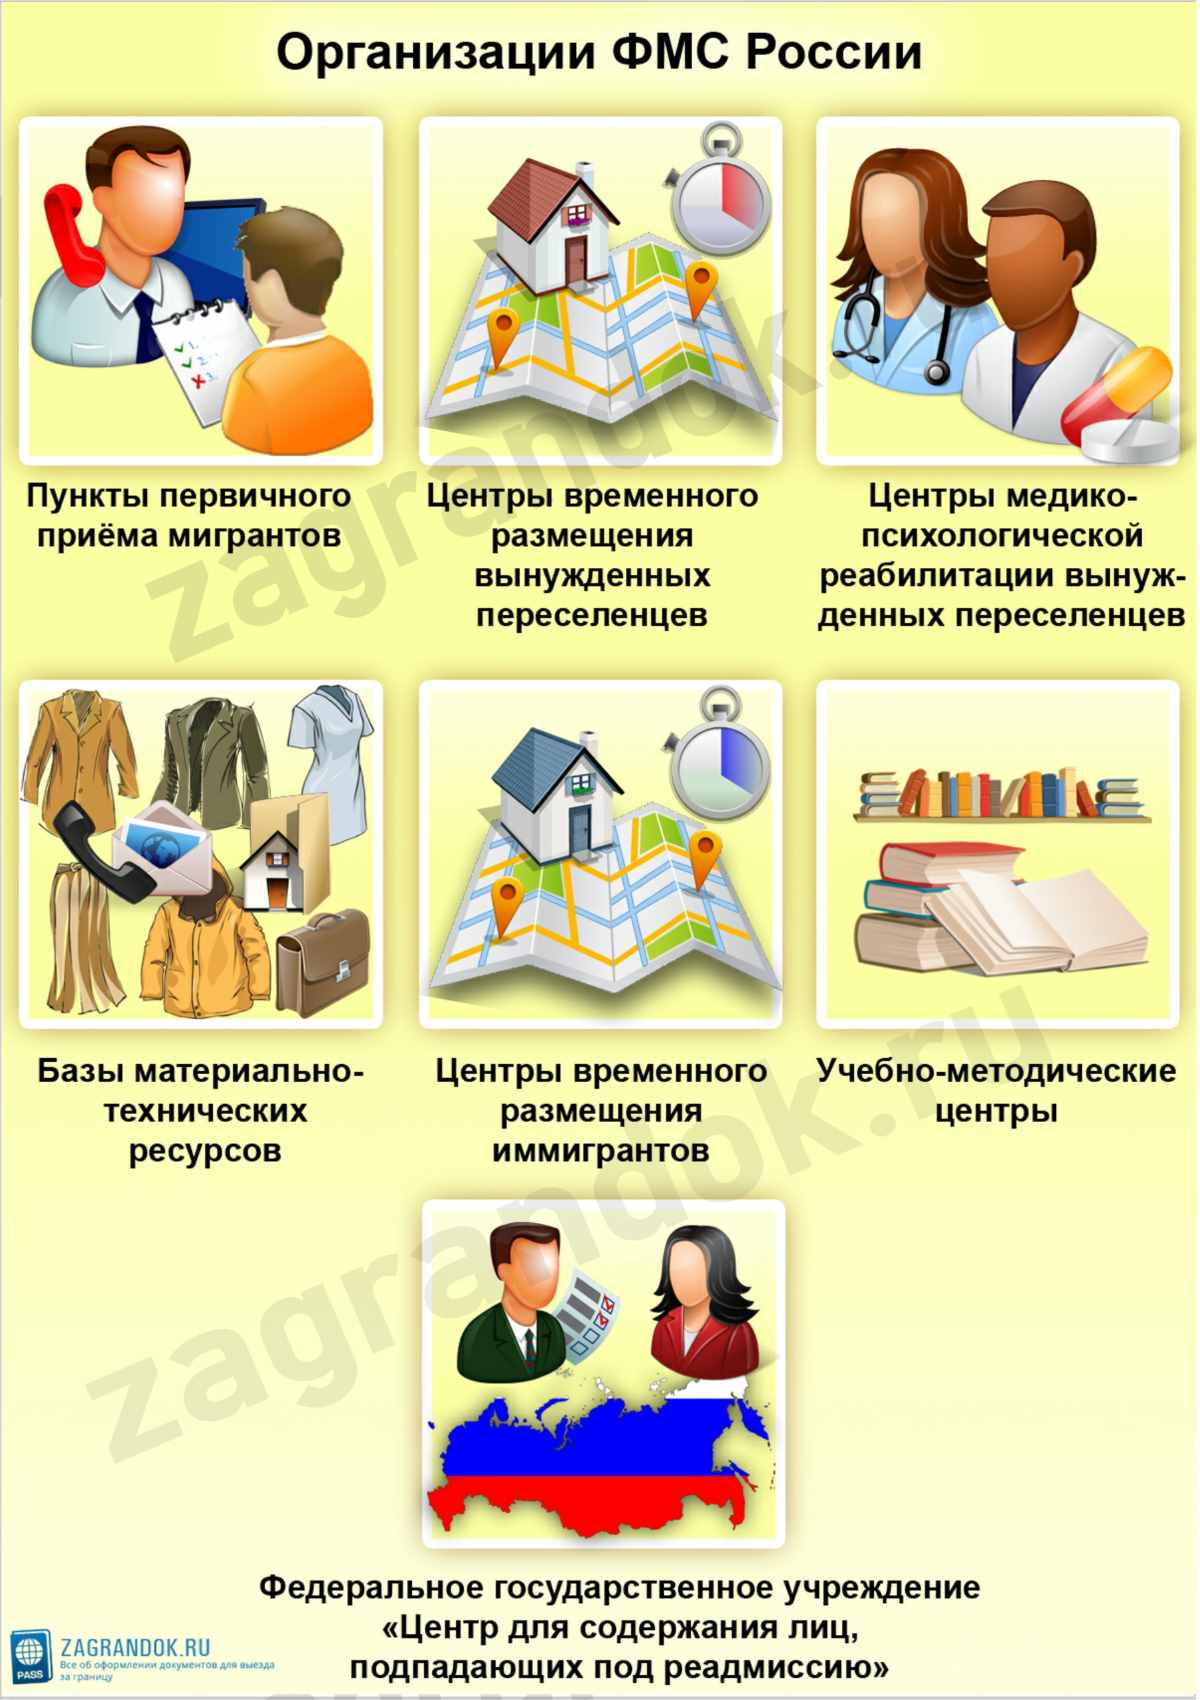 Организации ФМС России